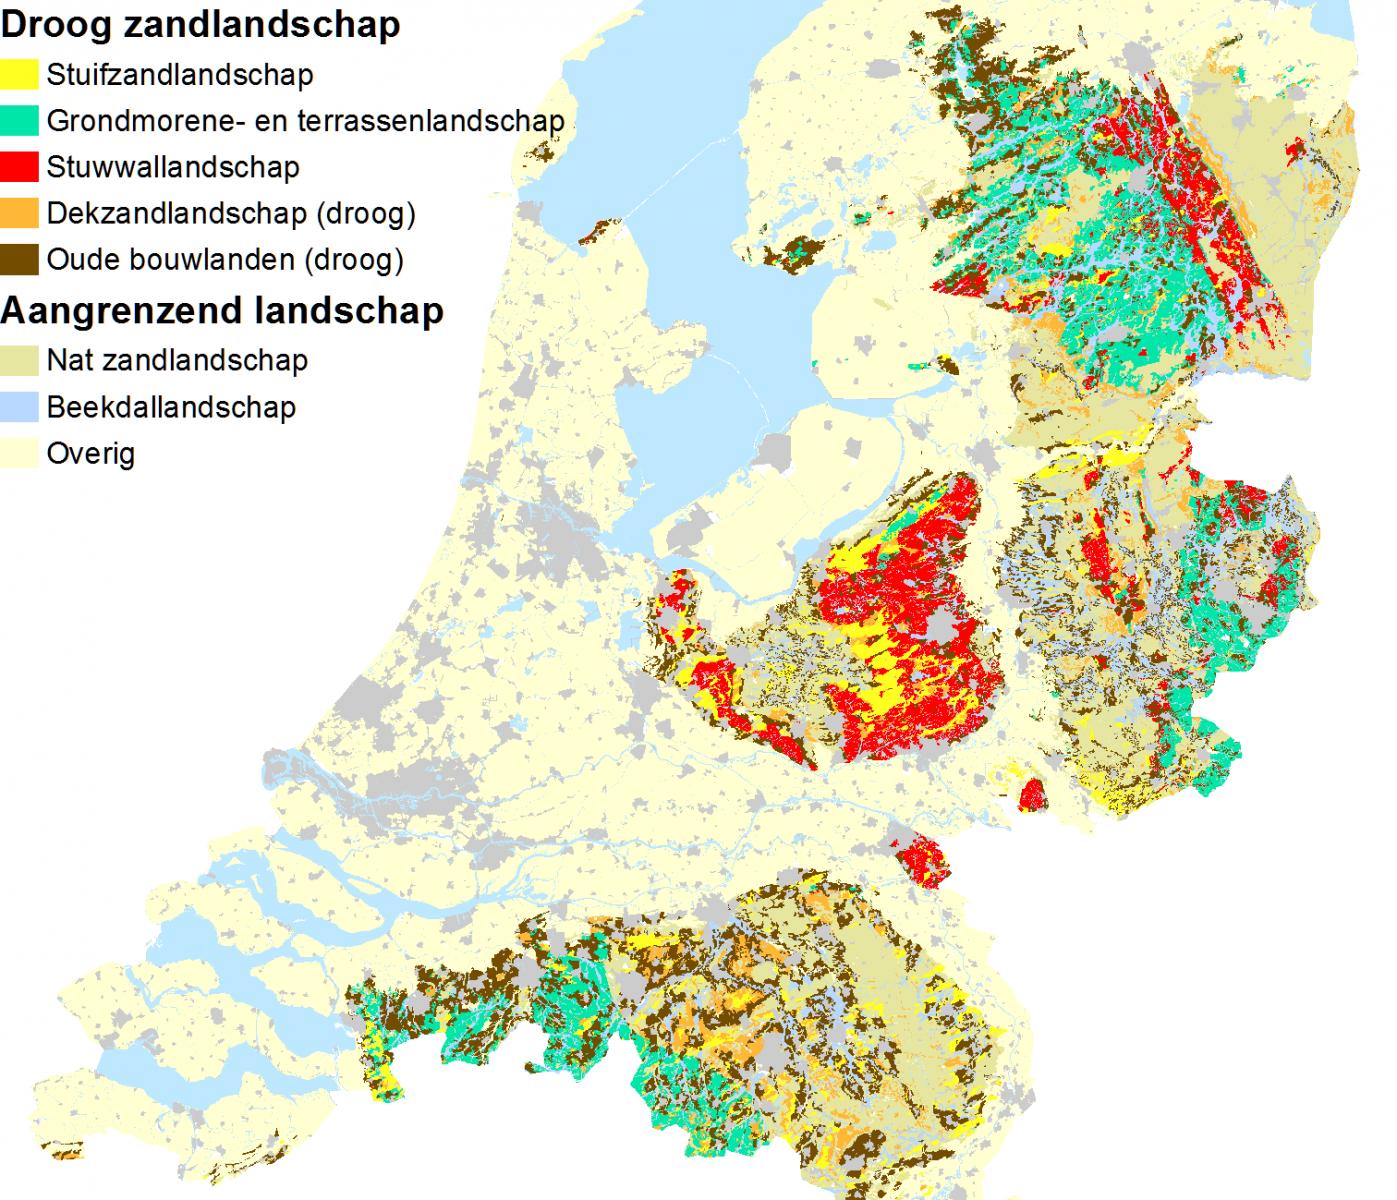 Landschappelijke bodemkaart Droog zandlandschap